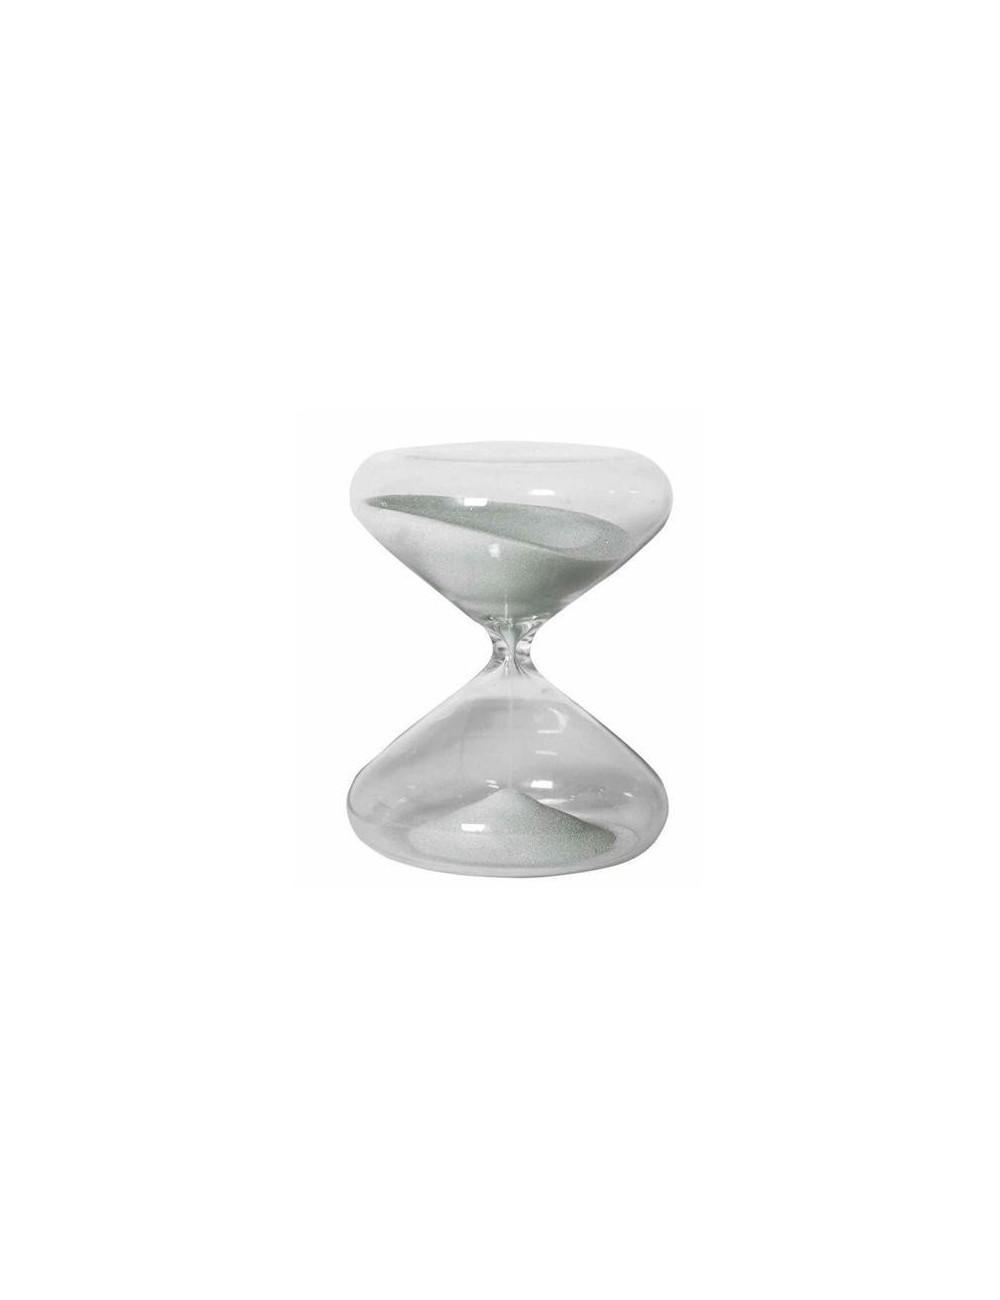 Sablier sable blanc en verre